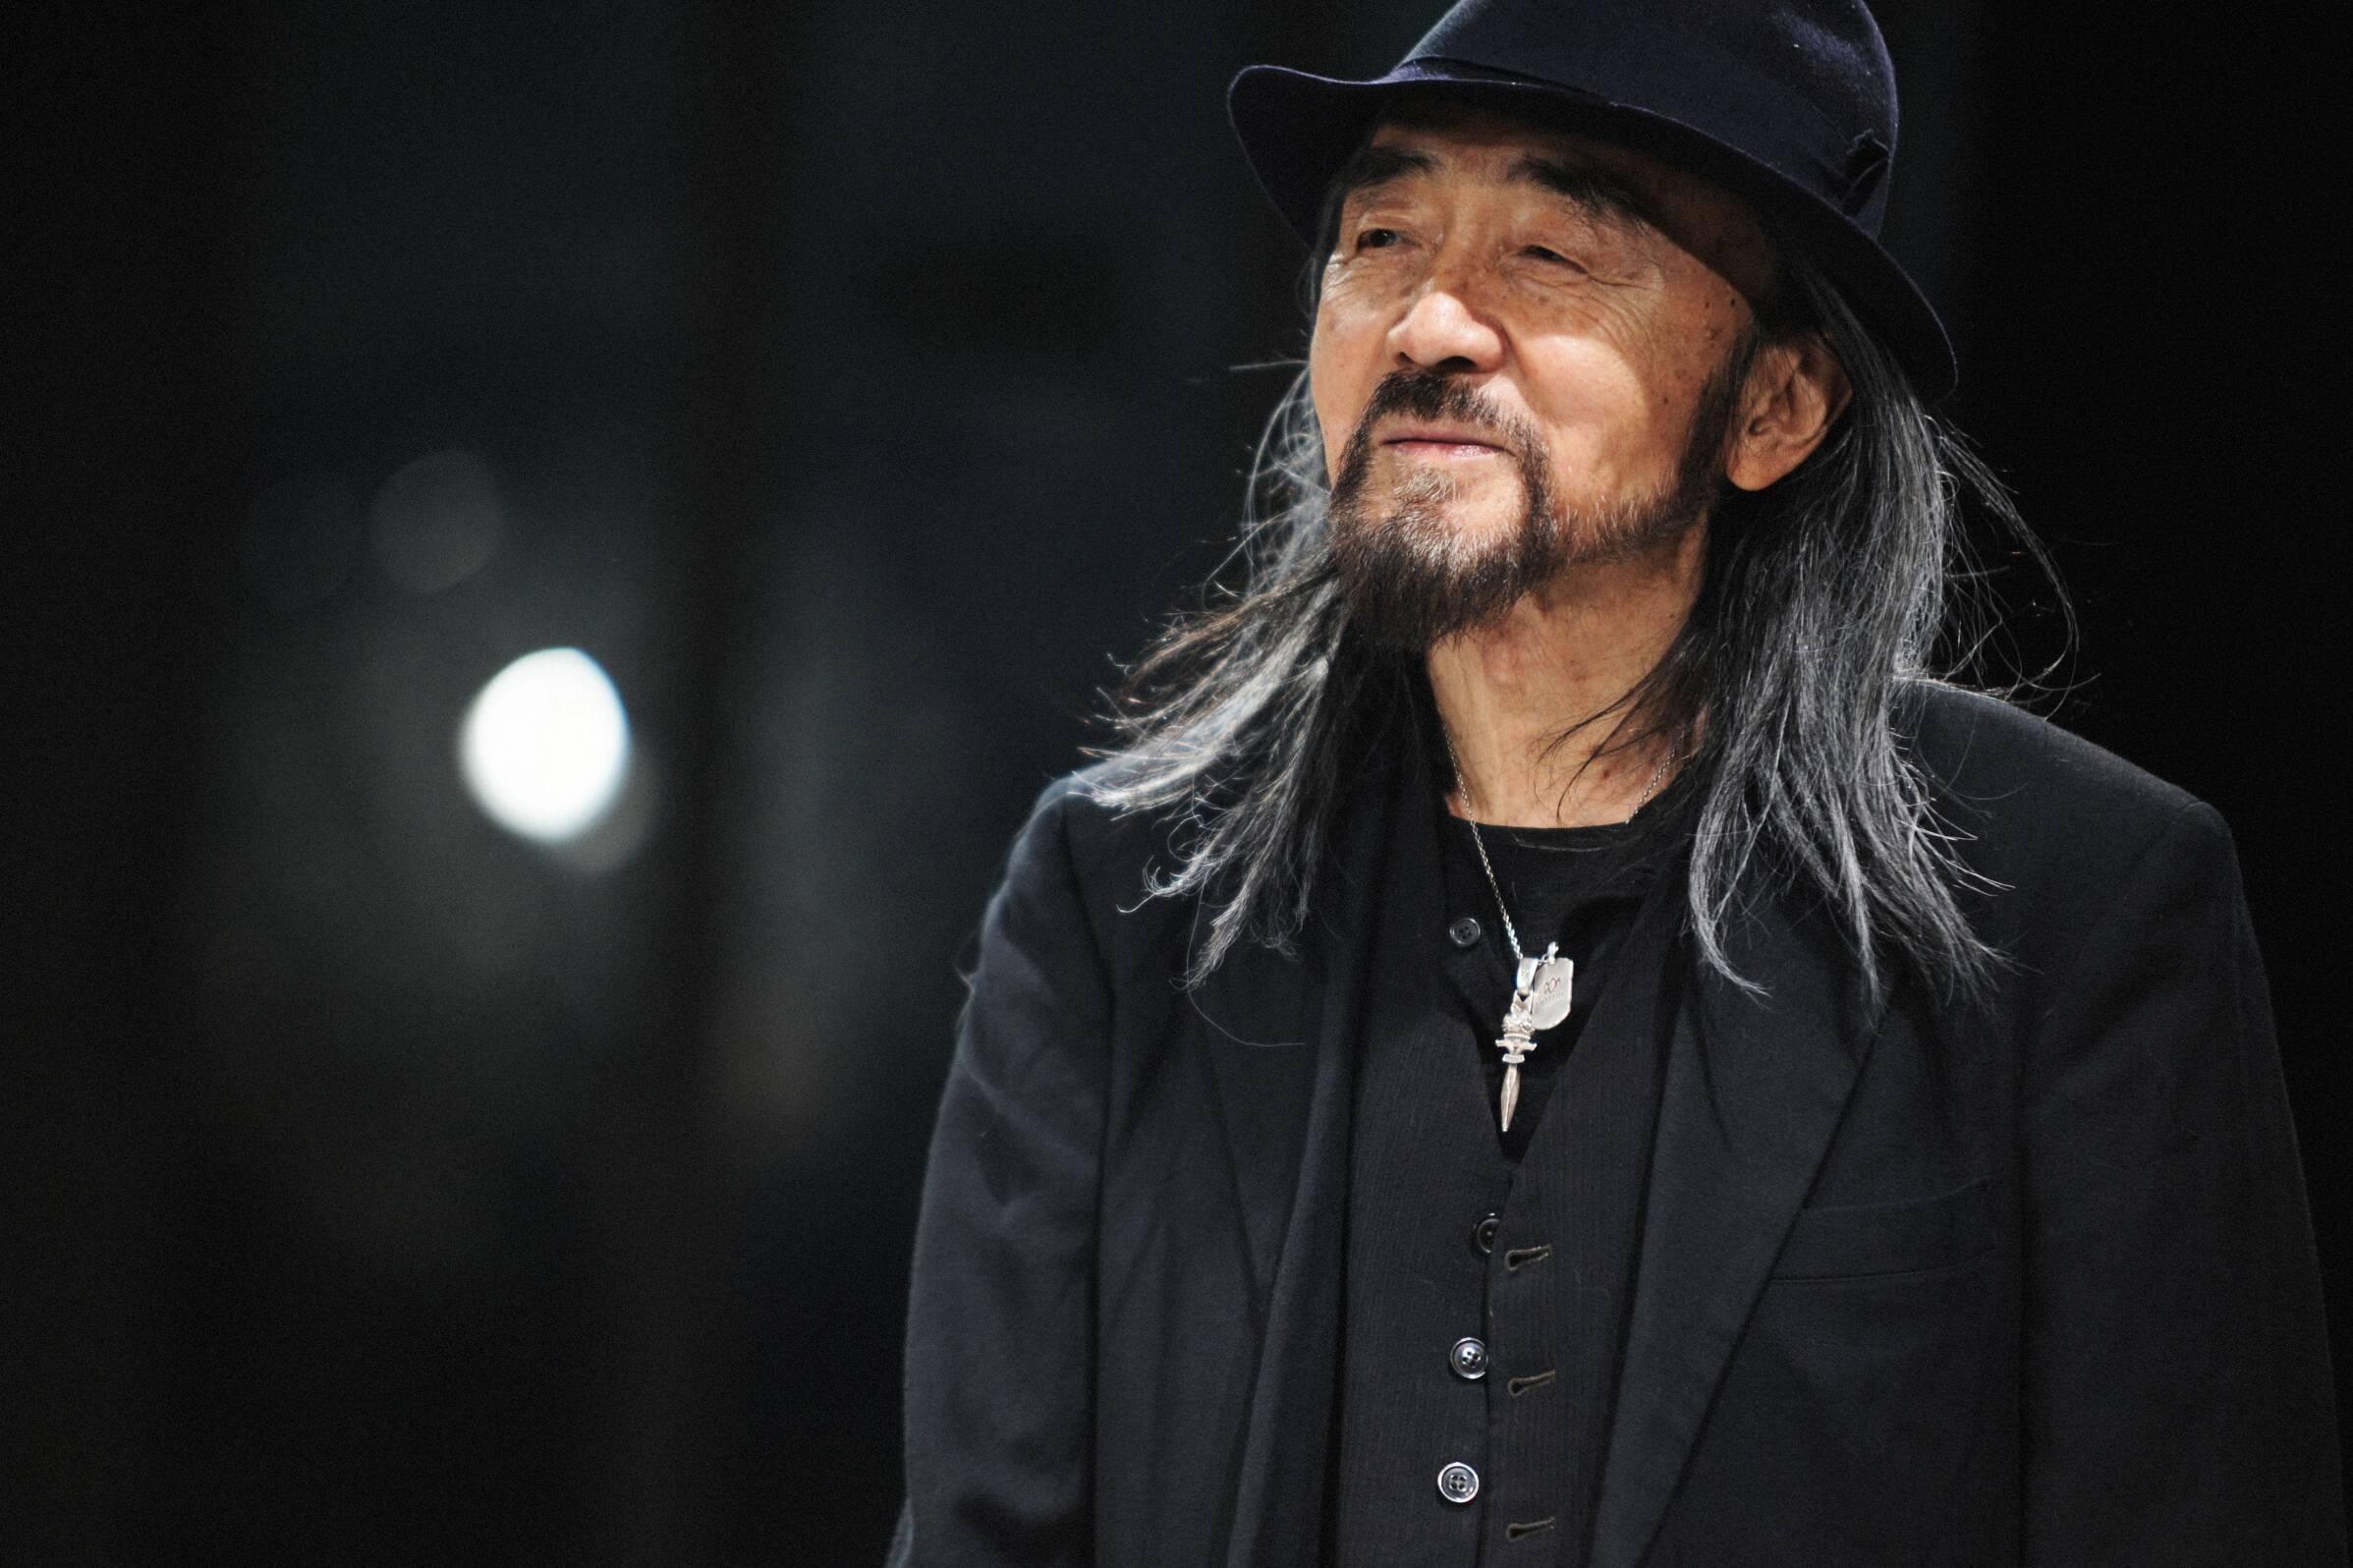 Designer Yohji Yamamoto